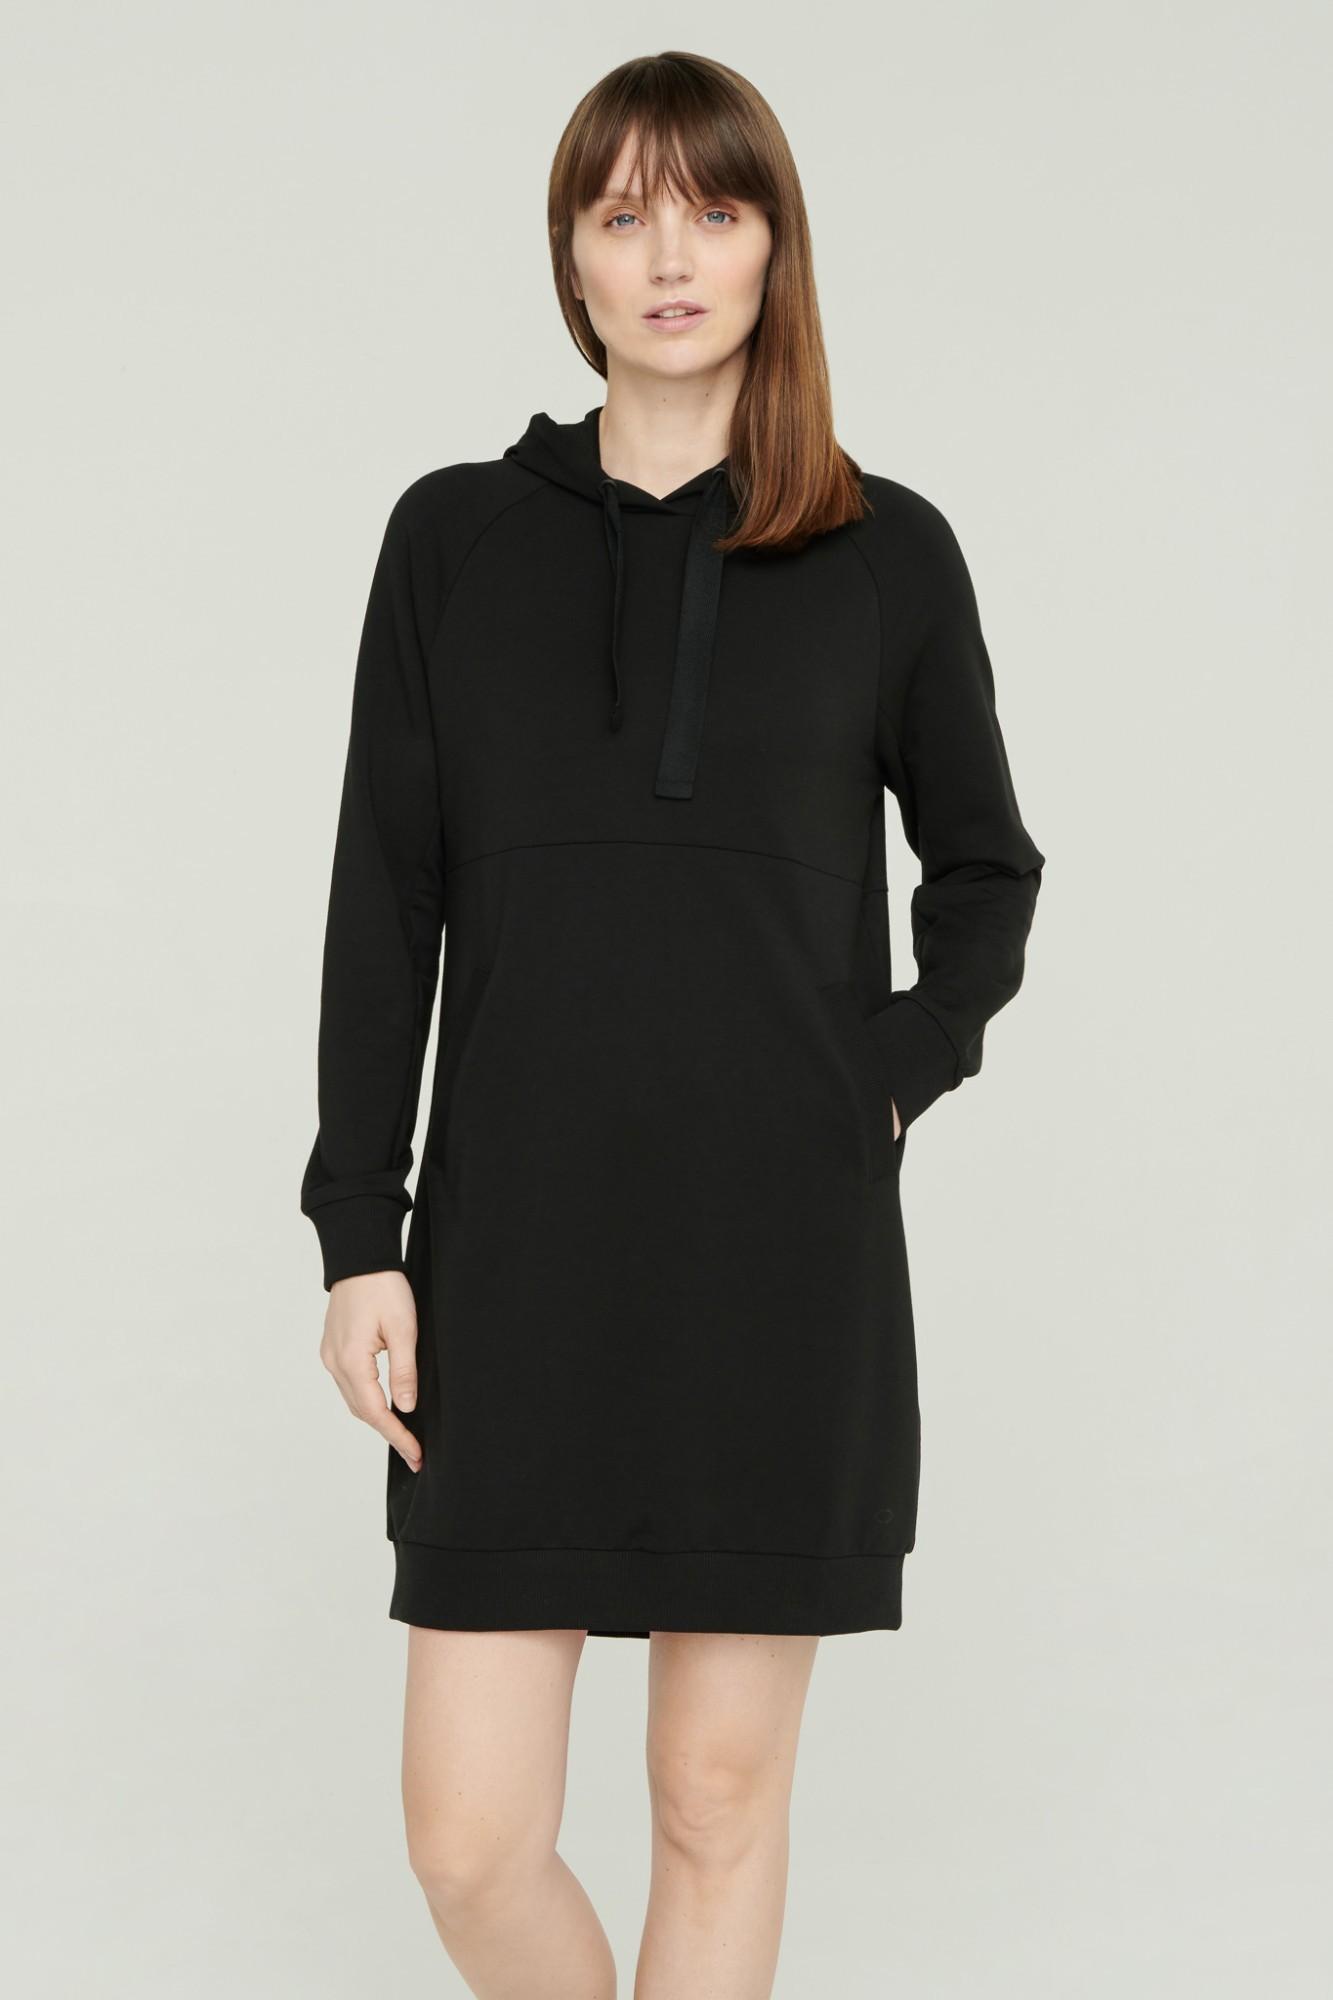 AUDIMAS Švelni modalo suknelė 2111-070 Black L